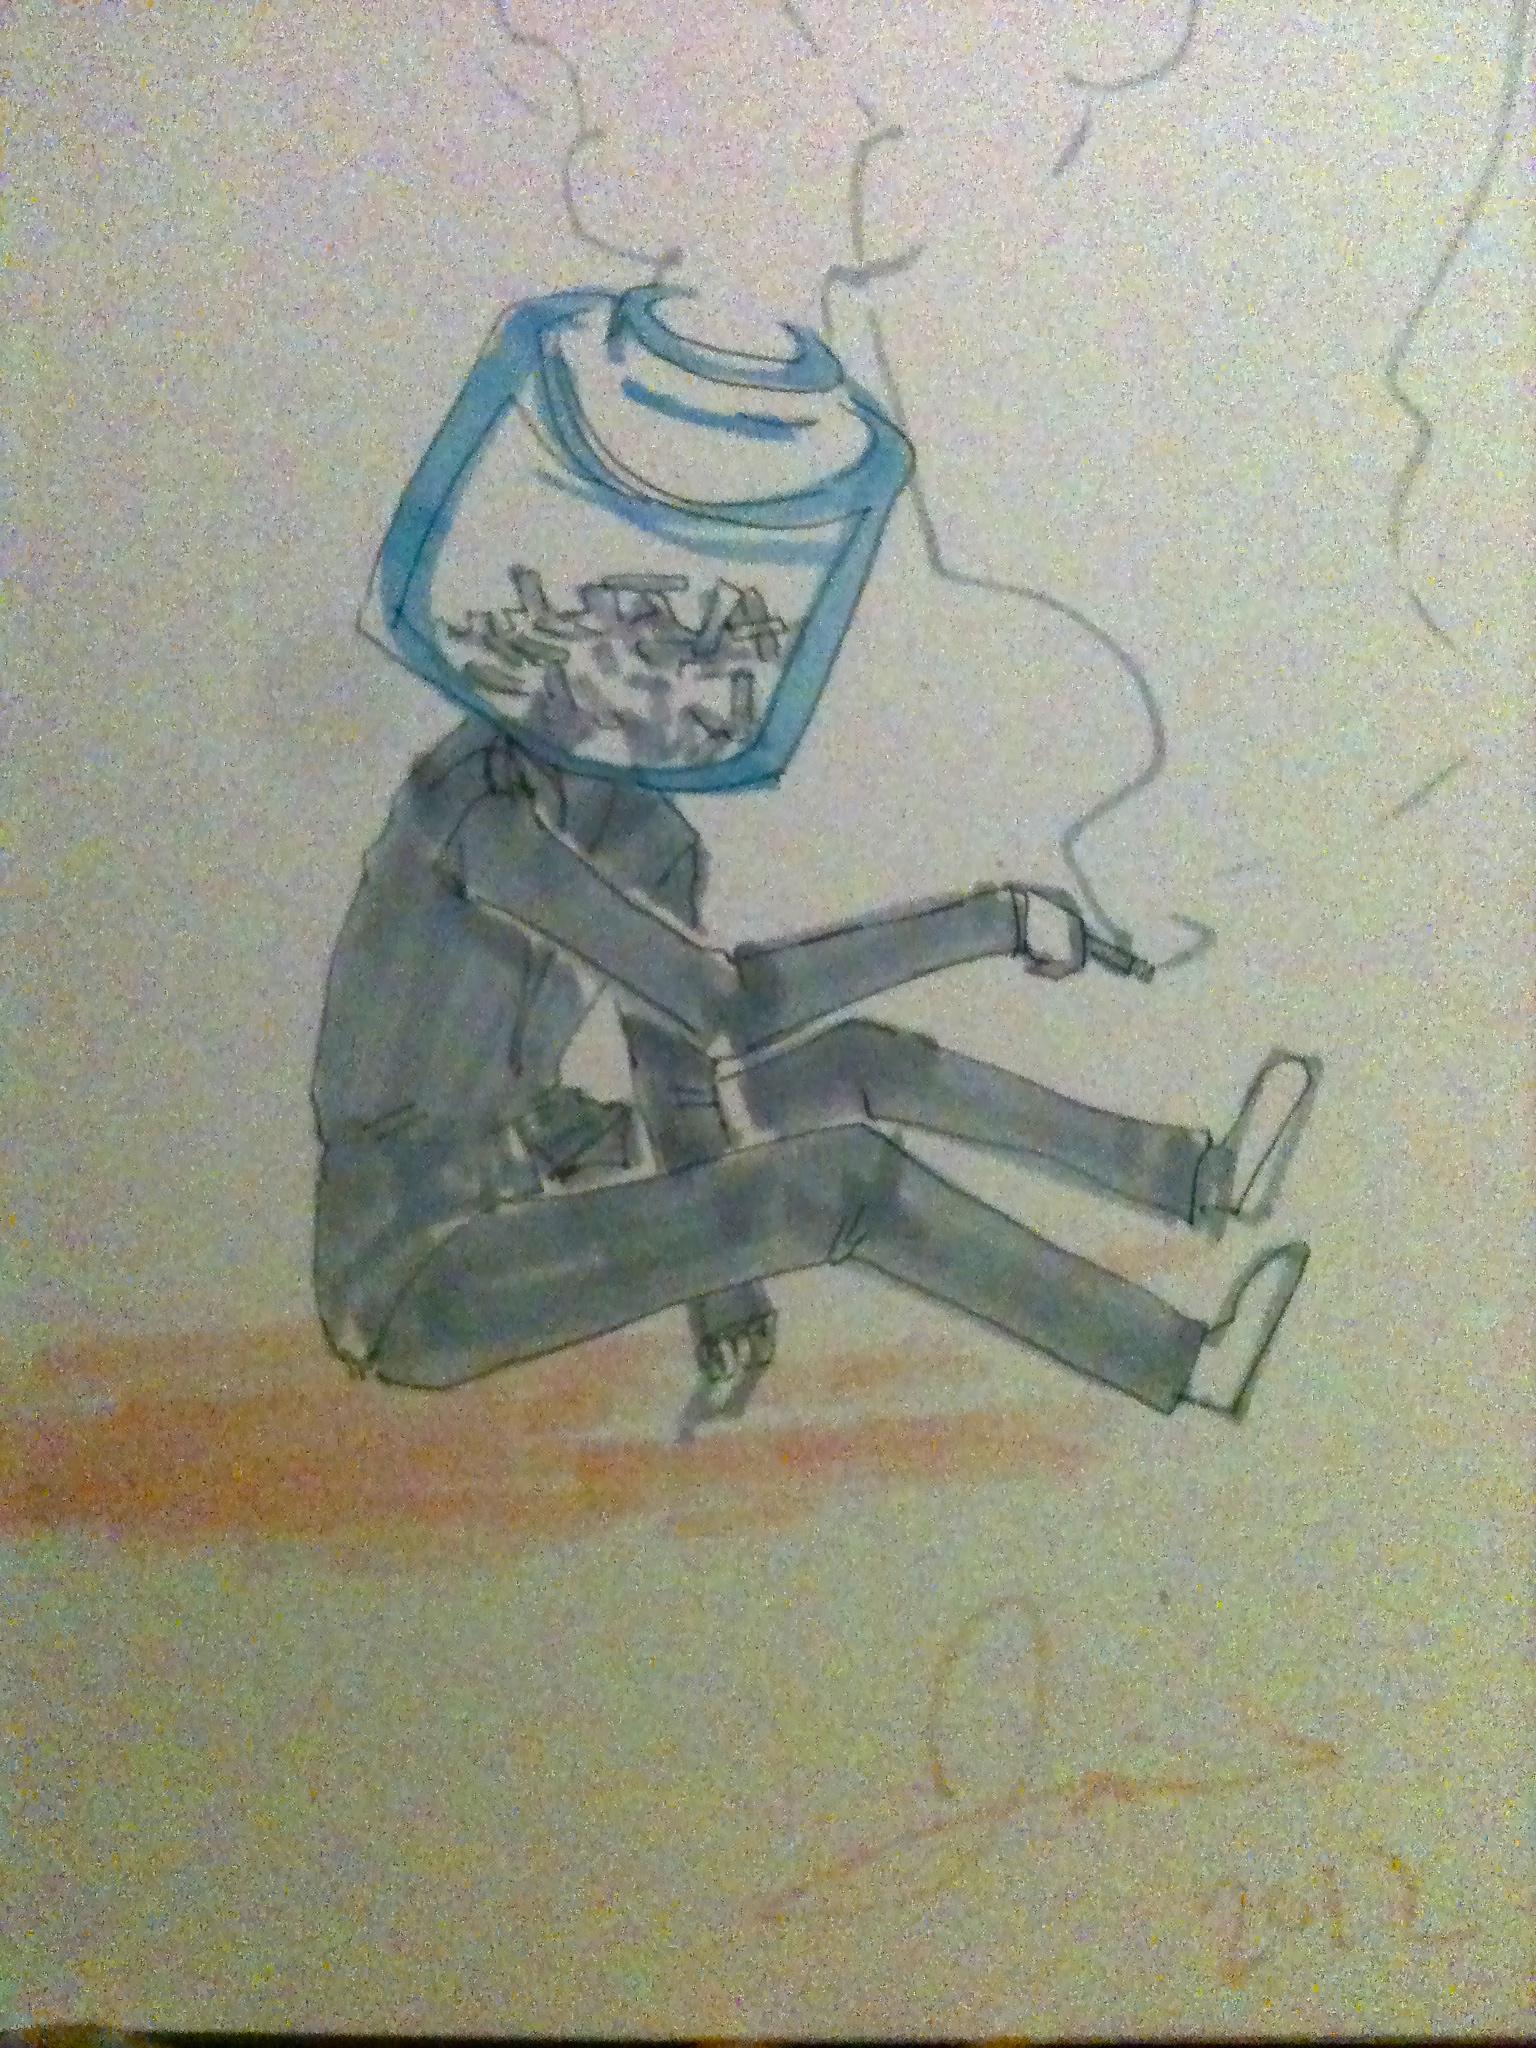 jarhead smoking